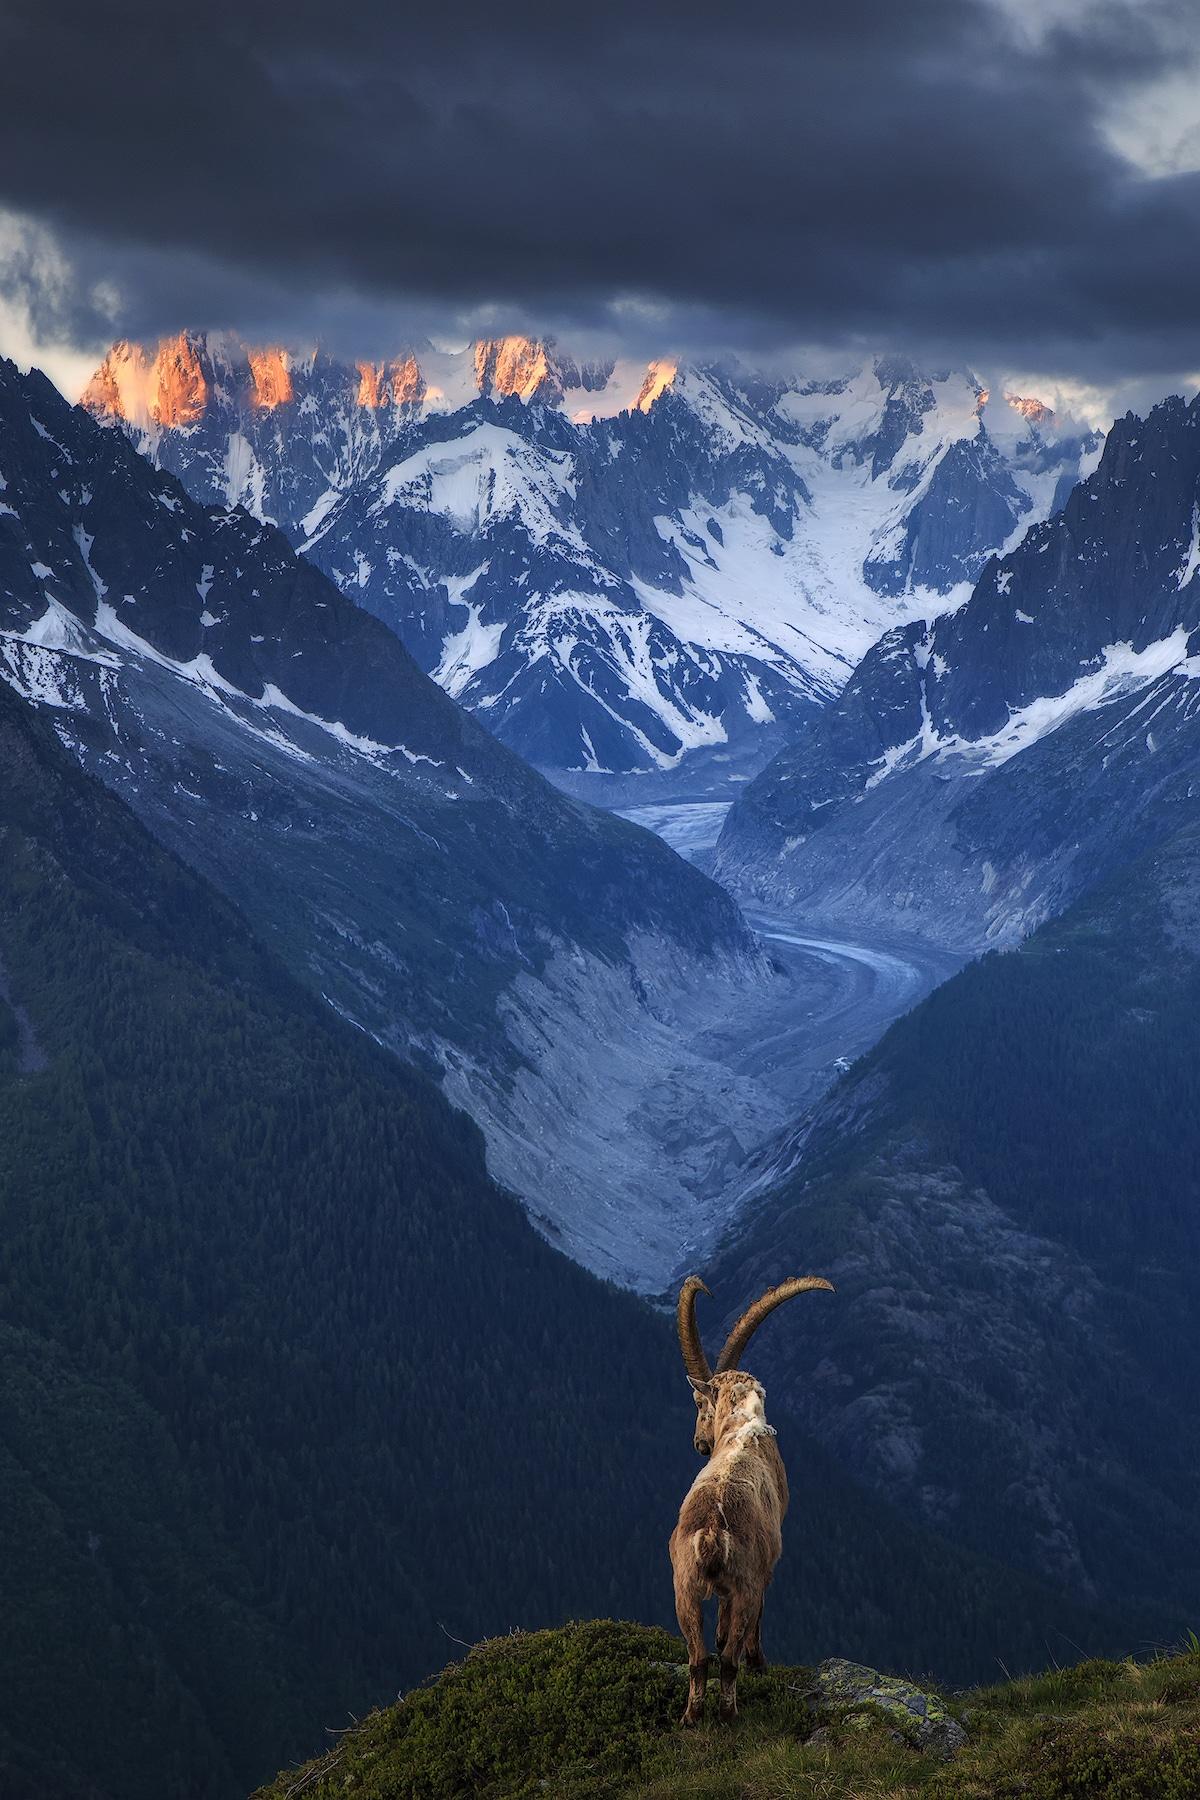 Fotos de paisajes montañosos por Sven Broeckx